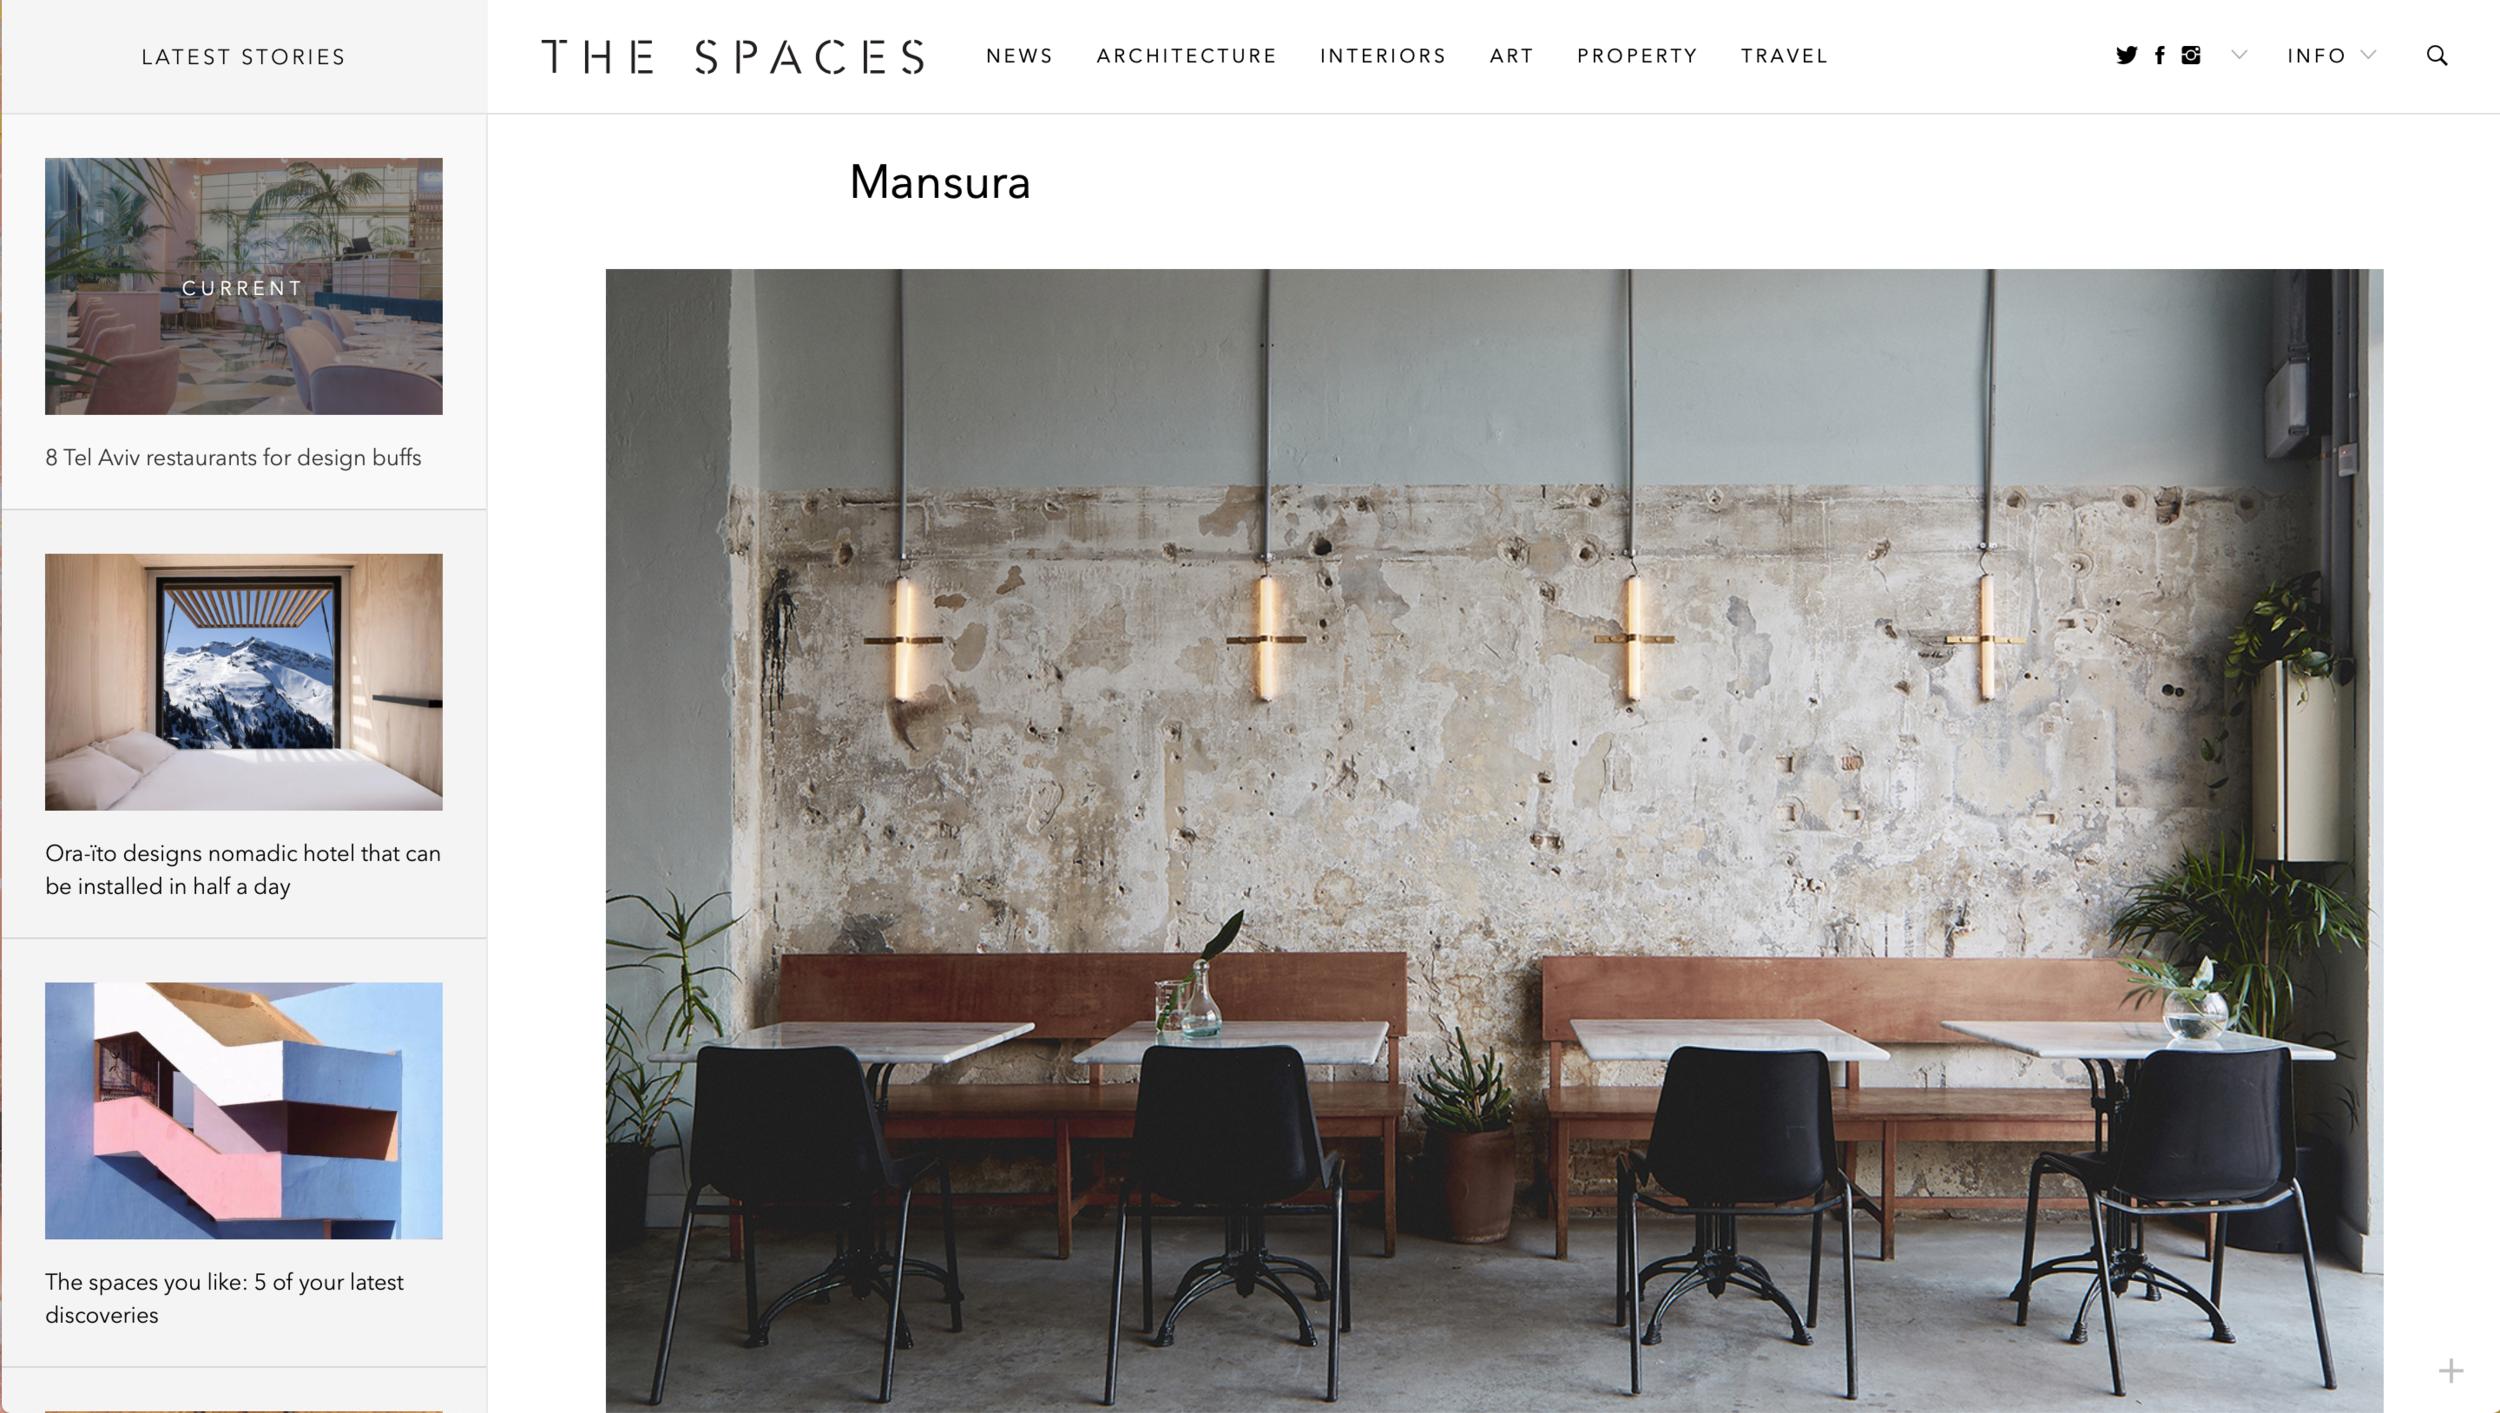 Thespaces.com